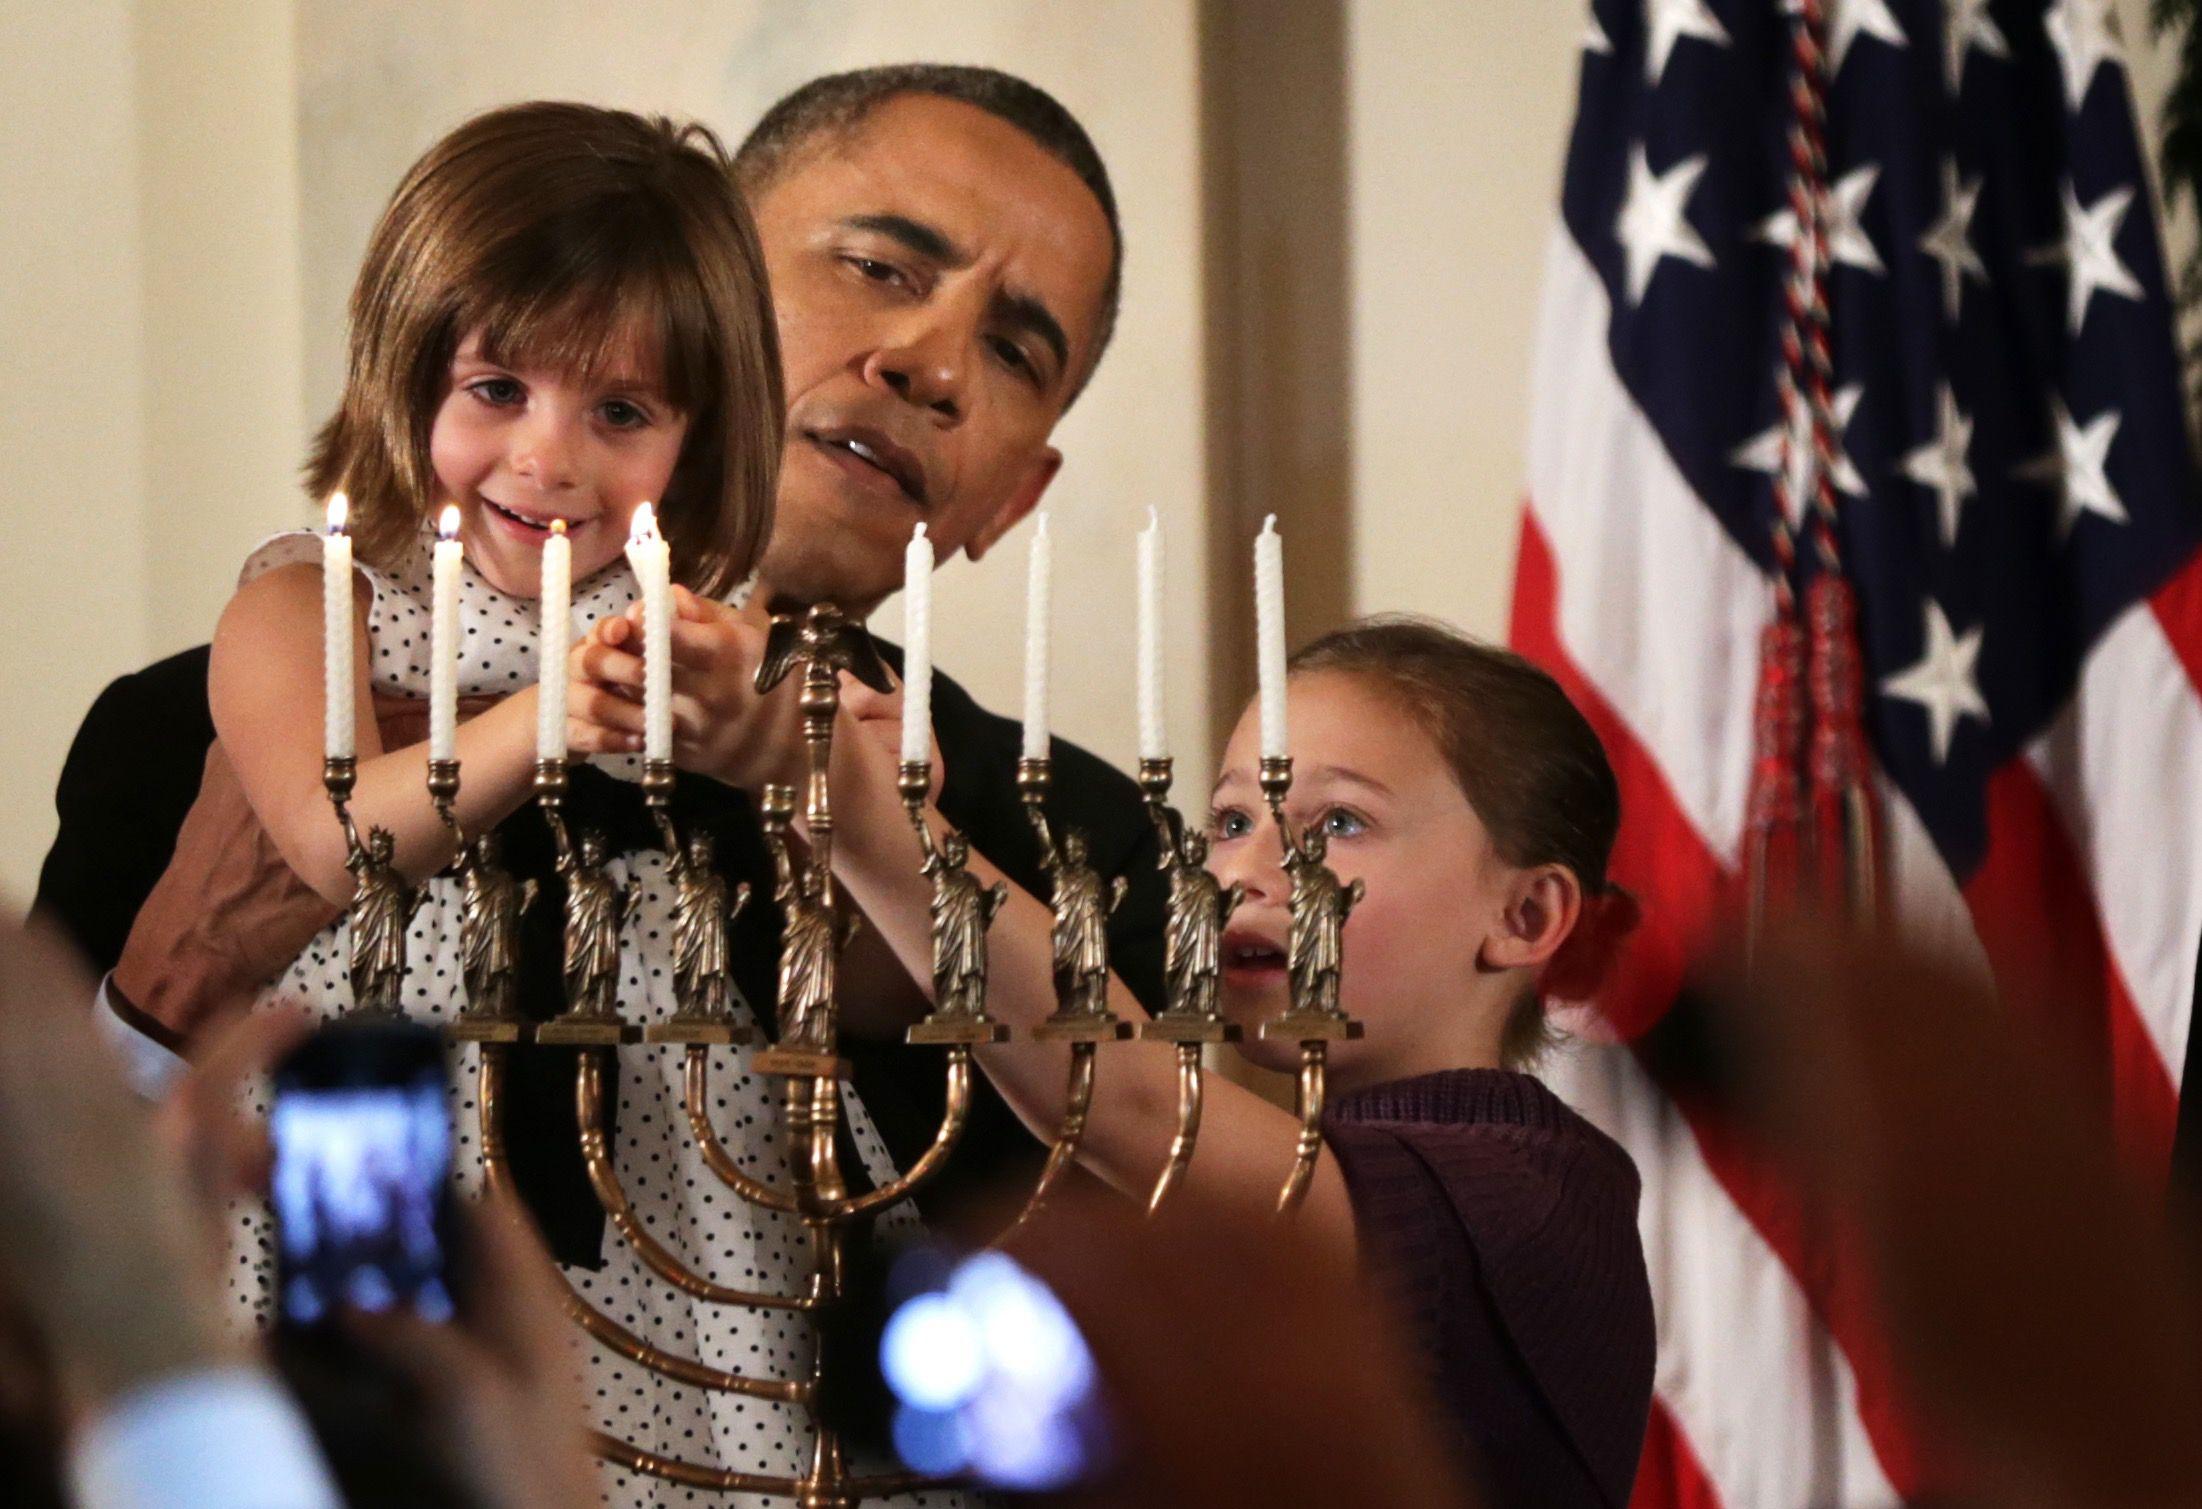 President Obama lights the menorah during the White House's 2014 Hanukkah celebration.